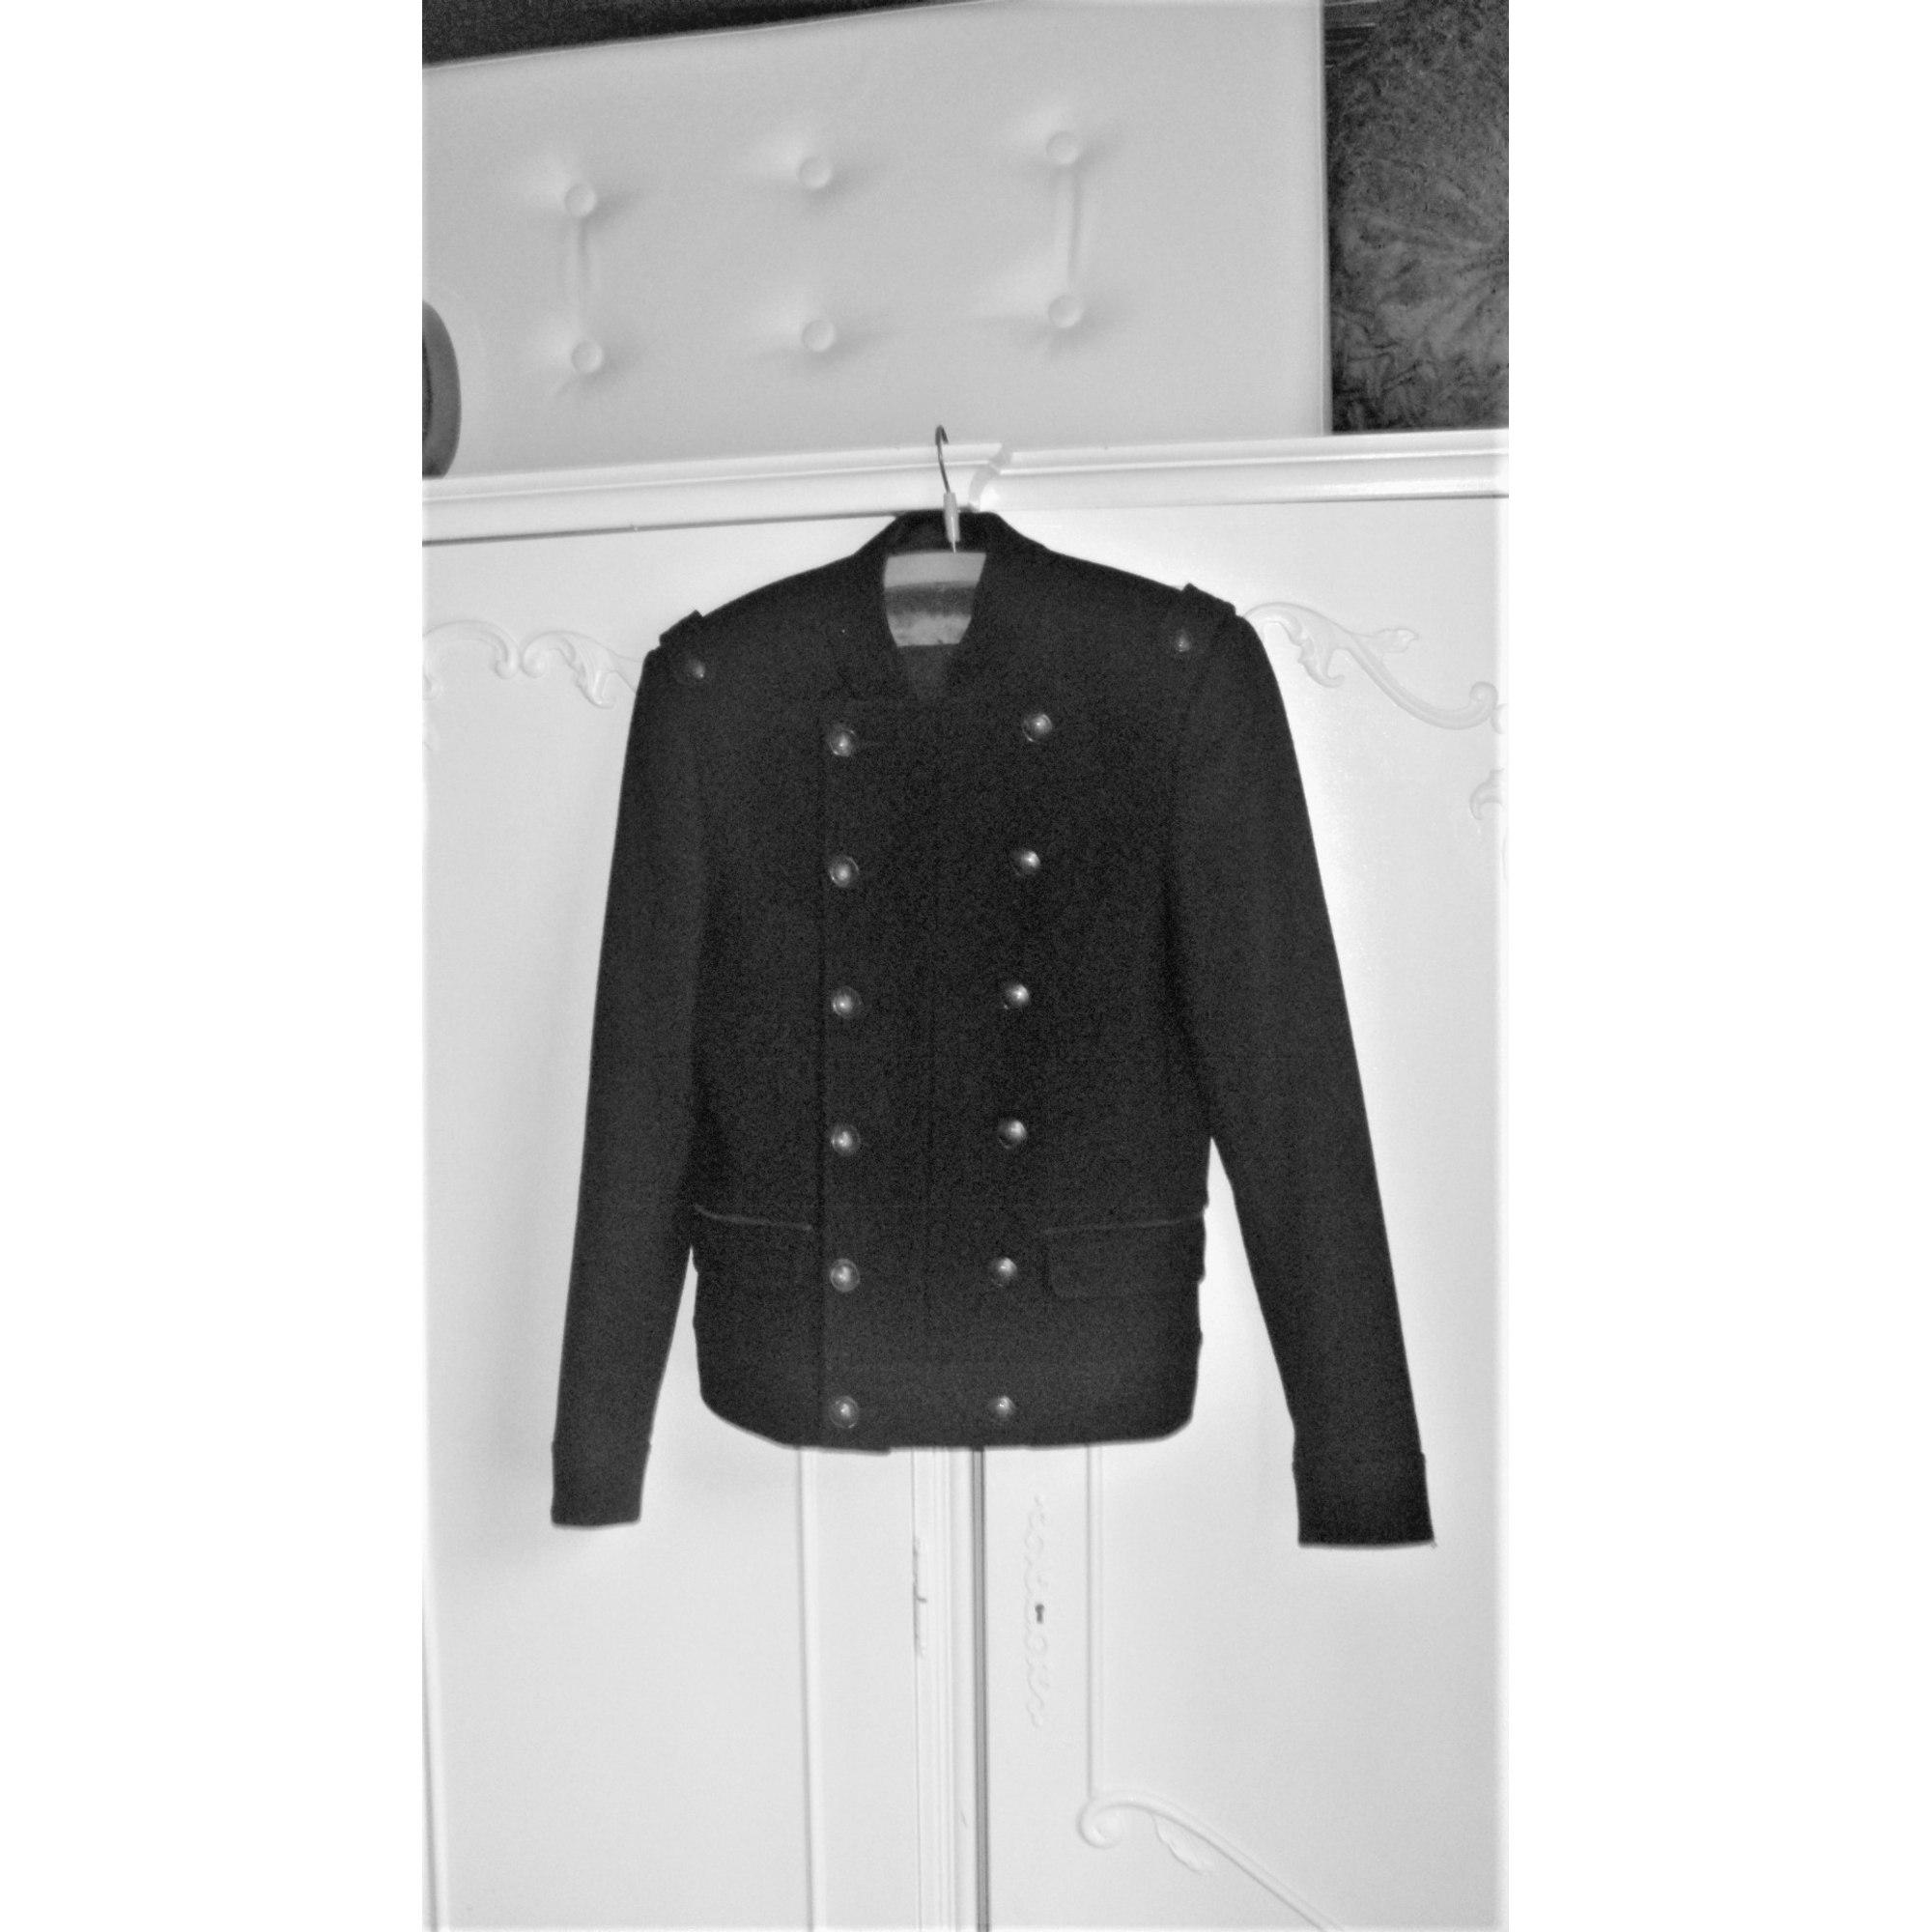 Veste officier ZARA taille S noir très bon état | eBay